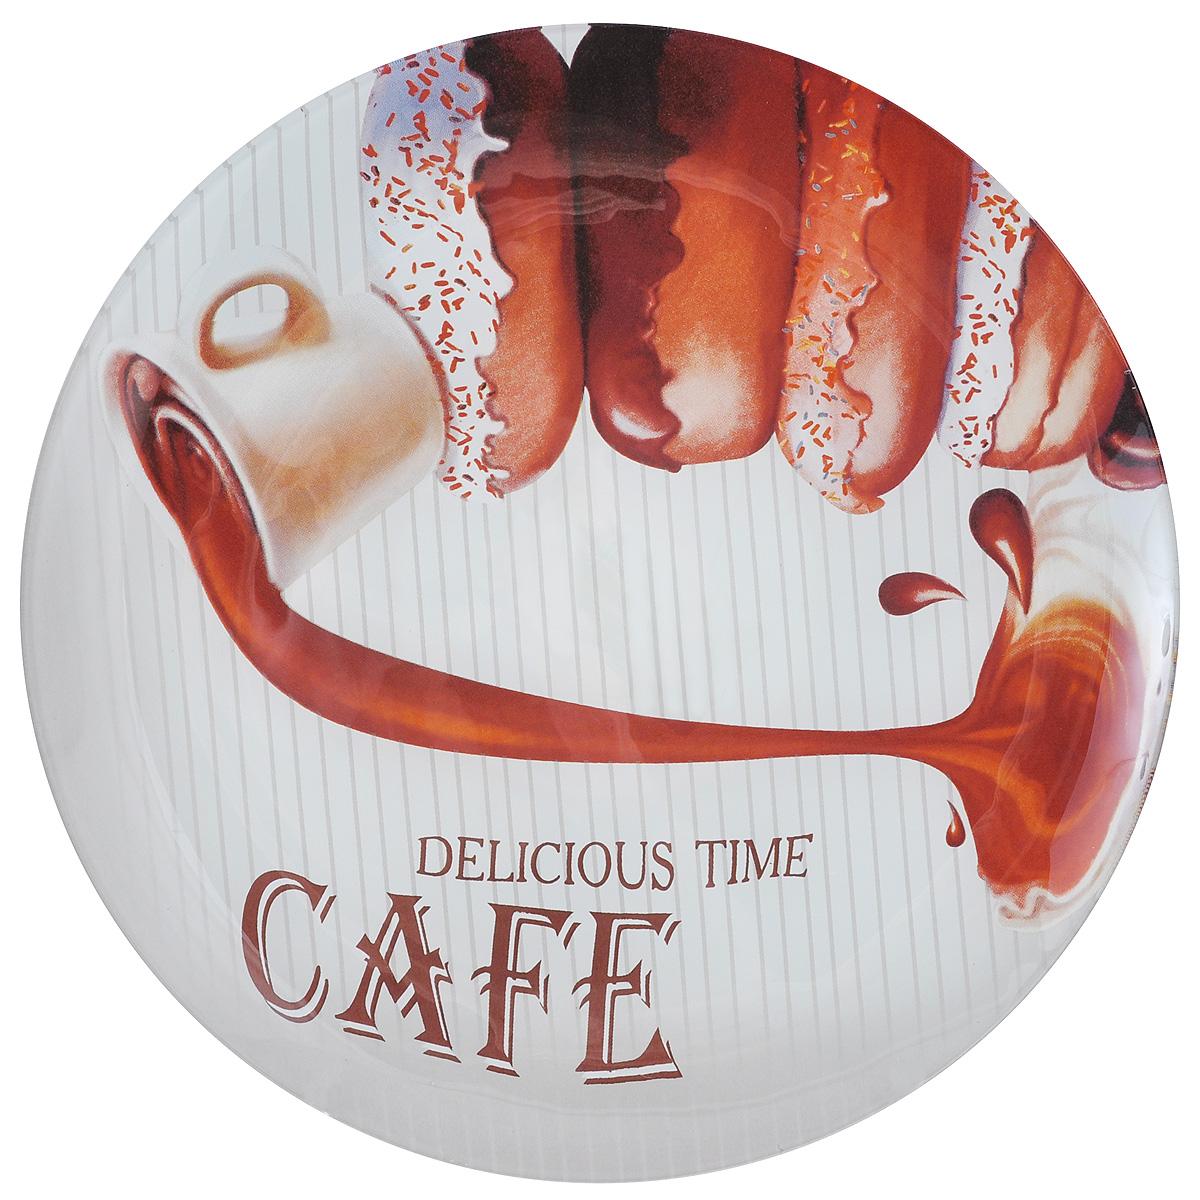 Тарелка Zibo Shelley Пончики. Крем, диаметр 25 смZSDC3110Круглая тарелка Zibo Shelley Пончики. Крем, изготовленная из стекла, декорирована ярким изображением. Она не только украсит сервировку вашего стола и подчеркнет прекрасный вкус хозяина, но и станет отличным подарком. Можно использовать в посудомоечной машине и СВЧ.Диаметр: 25 см. Высота: 1,5 см.